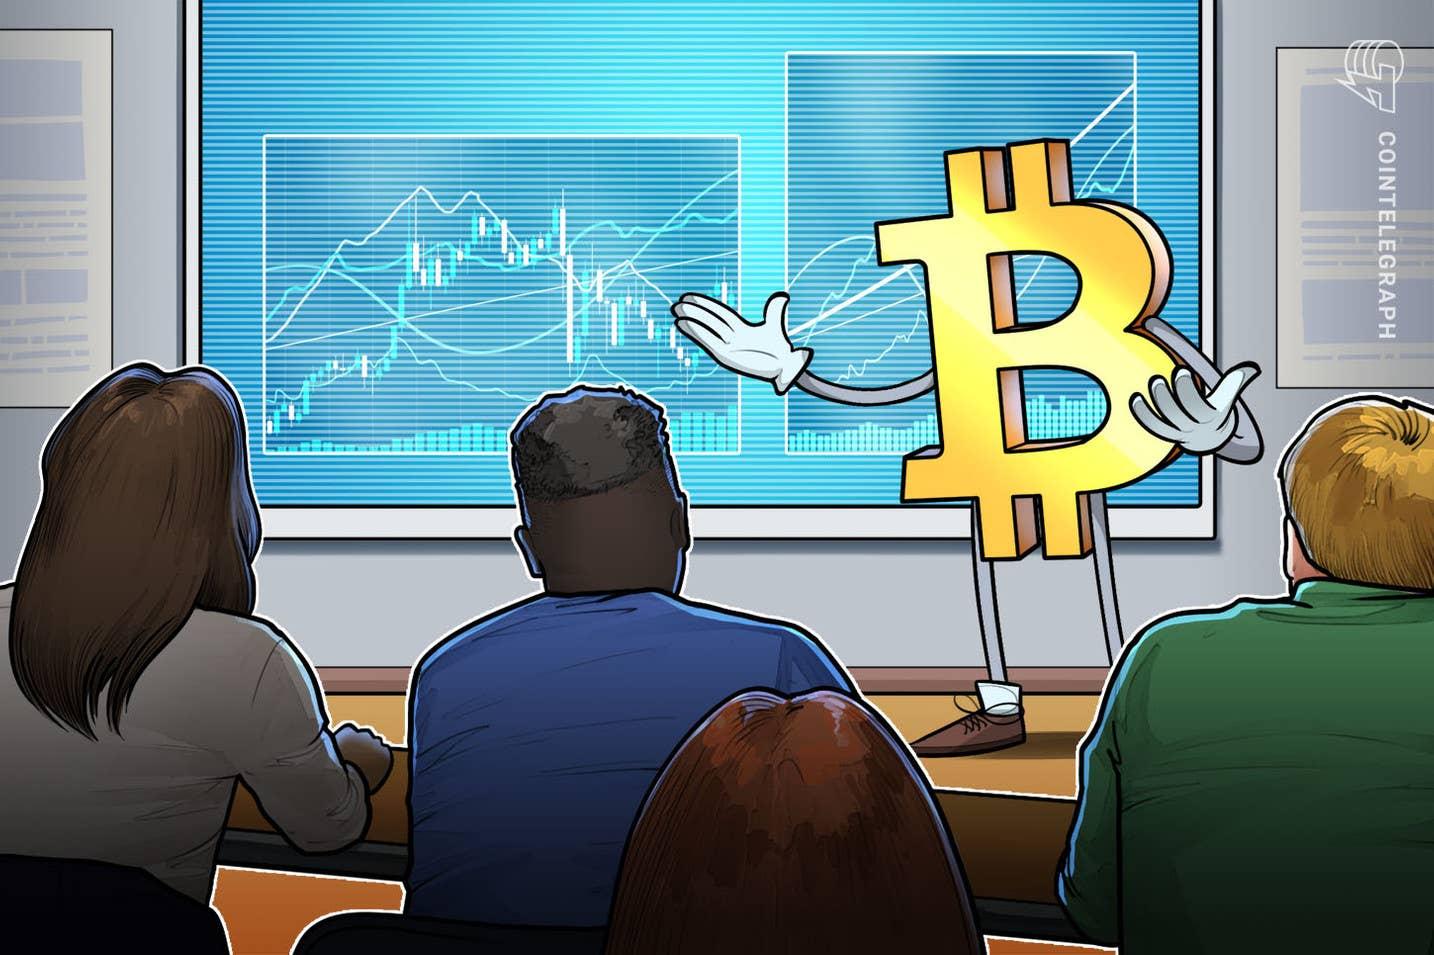 Próxima parada $ 85K para Bitcoin, já que analistas preveem 'explosivo' no quarto trimestre para ação de preço BTC